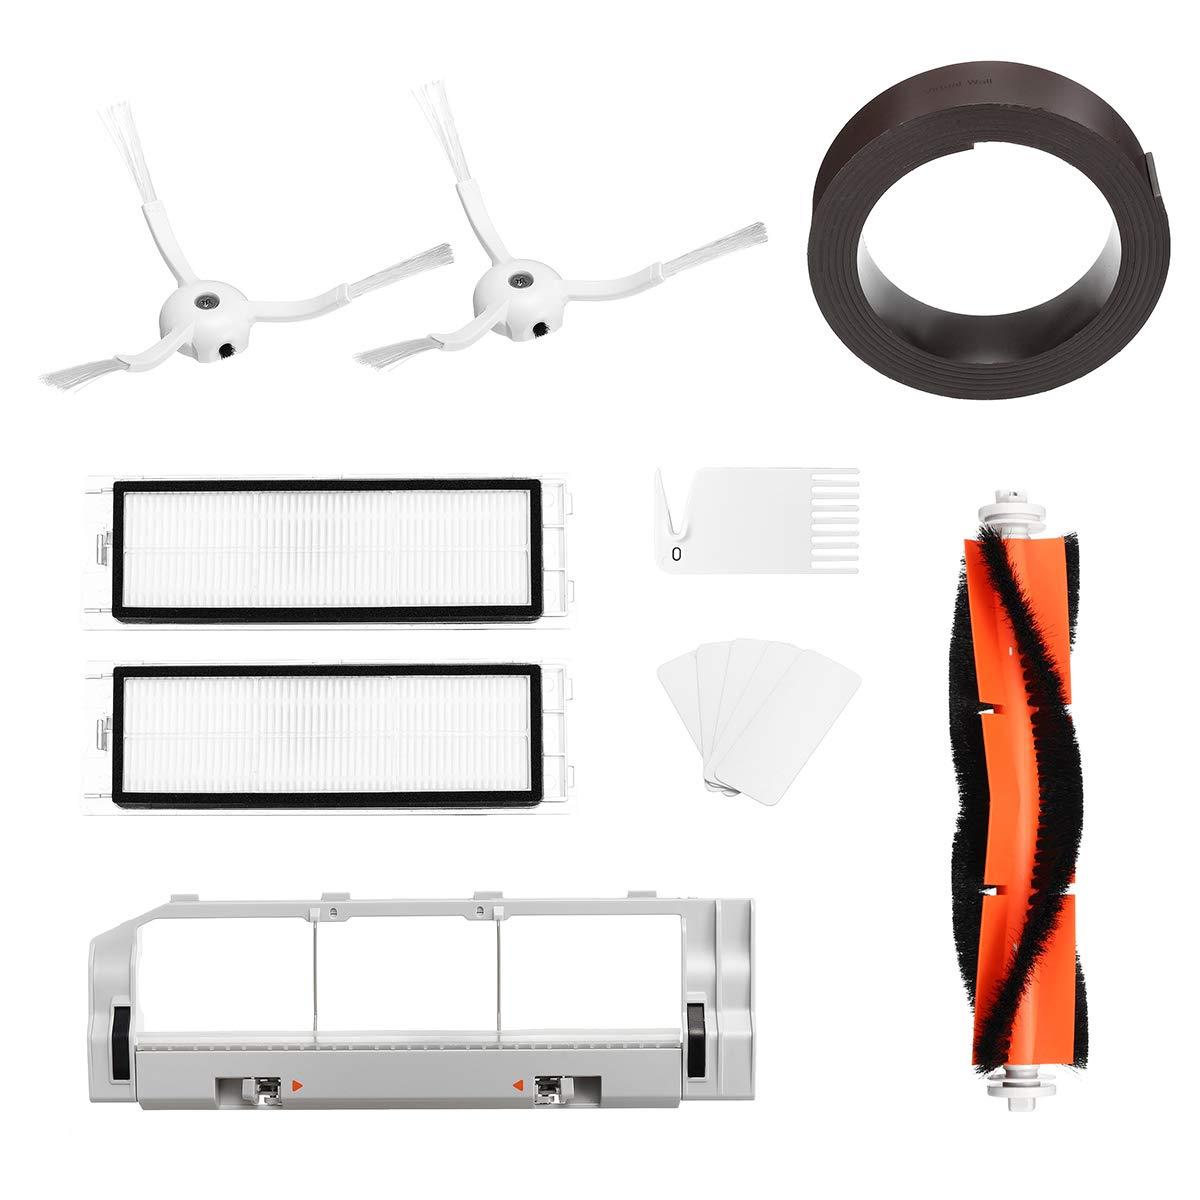 ChaRLes 5 Pcs Set Ersatz XIAOMI MI Robot Vakuum Cleaner HEPA Filter Cotton Side Brush Main Brush